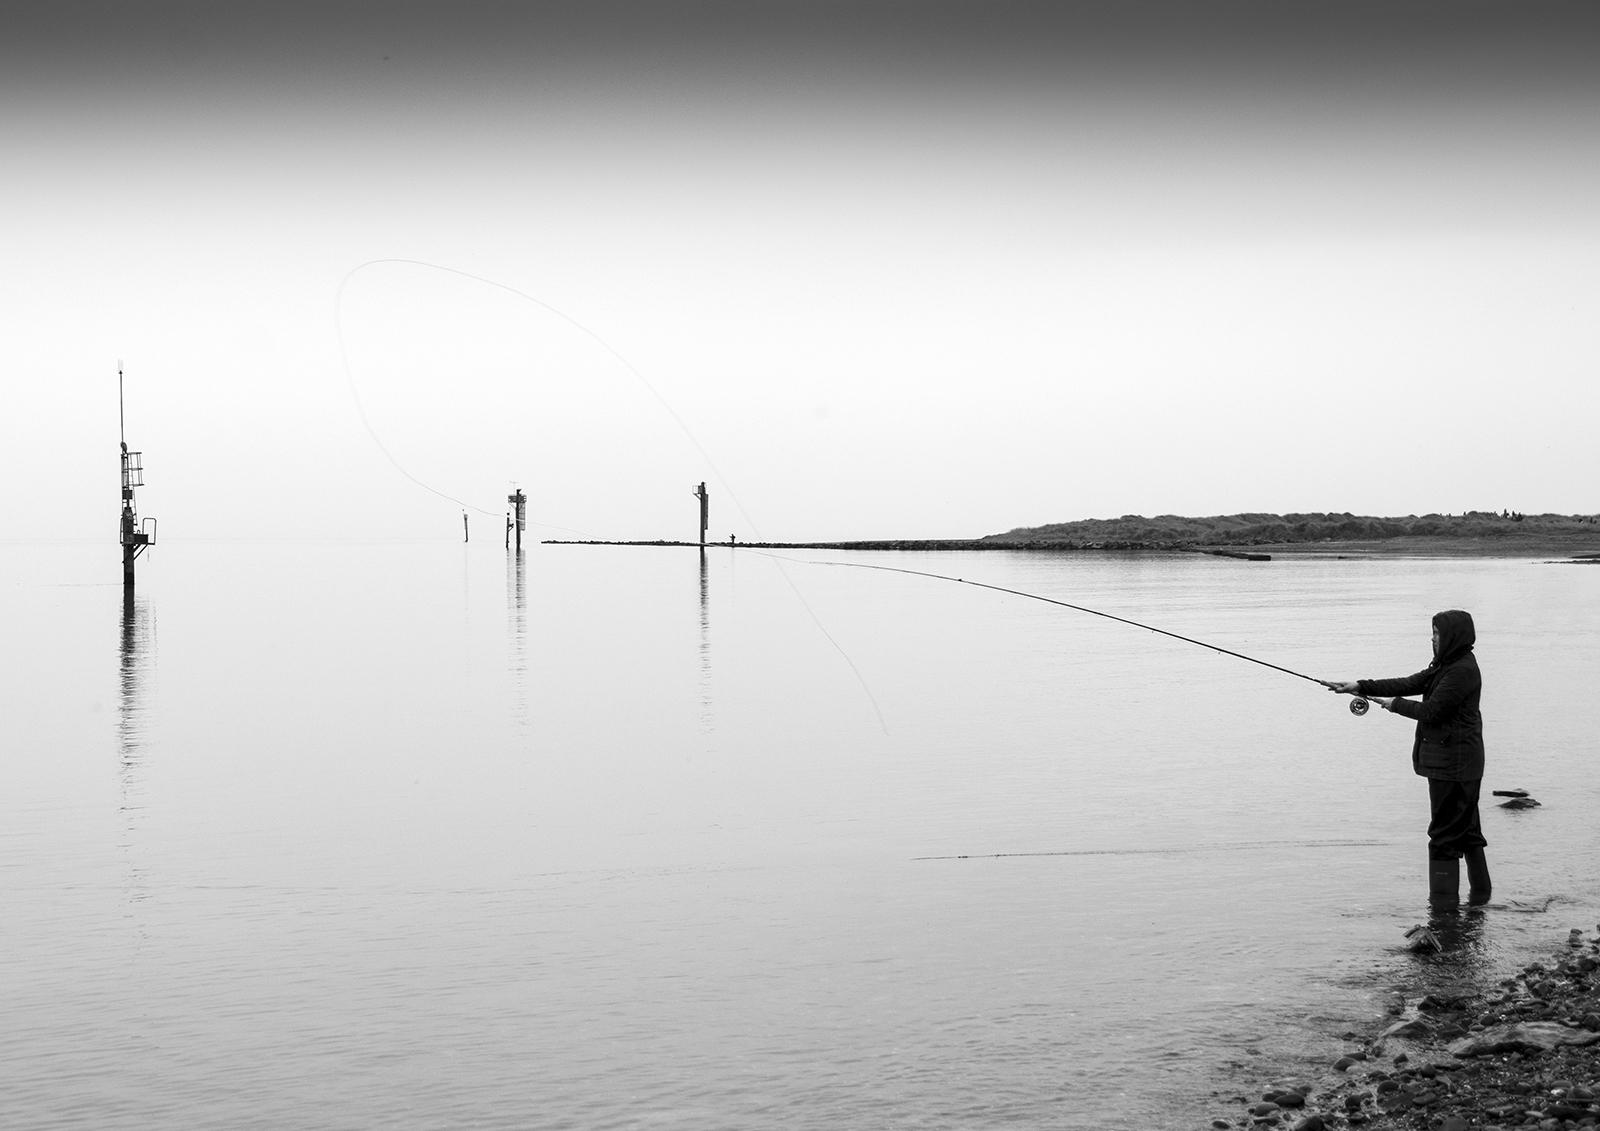 Fishing on the Boyne